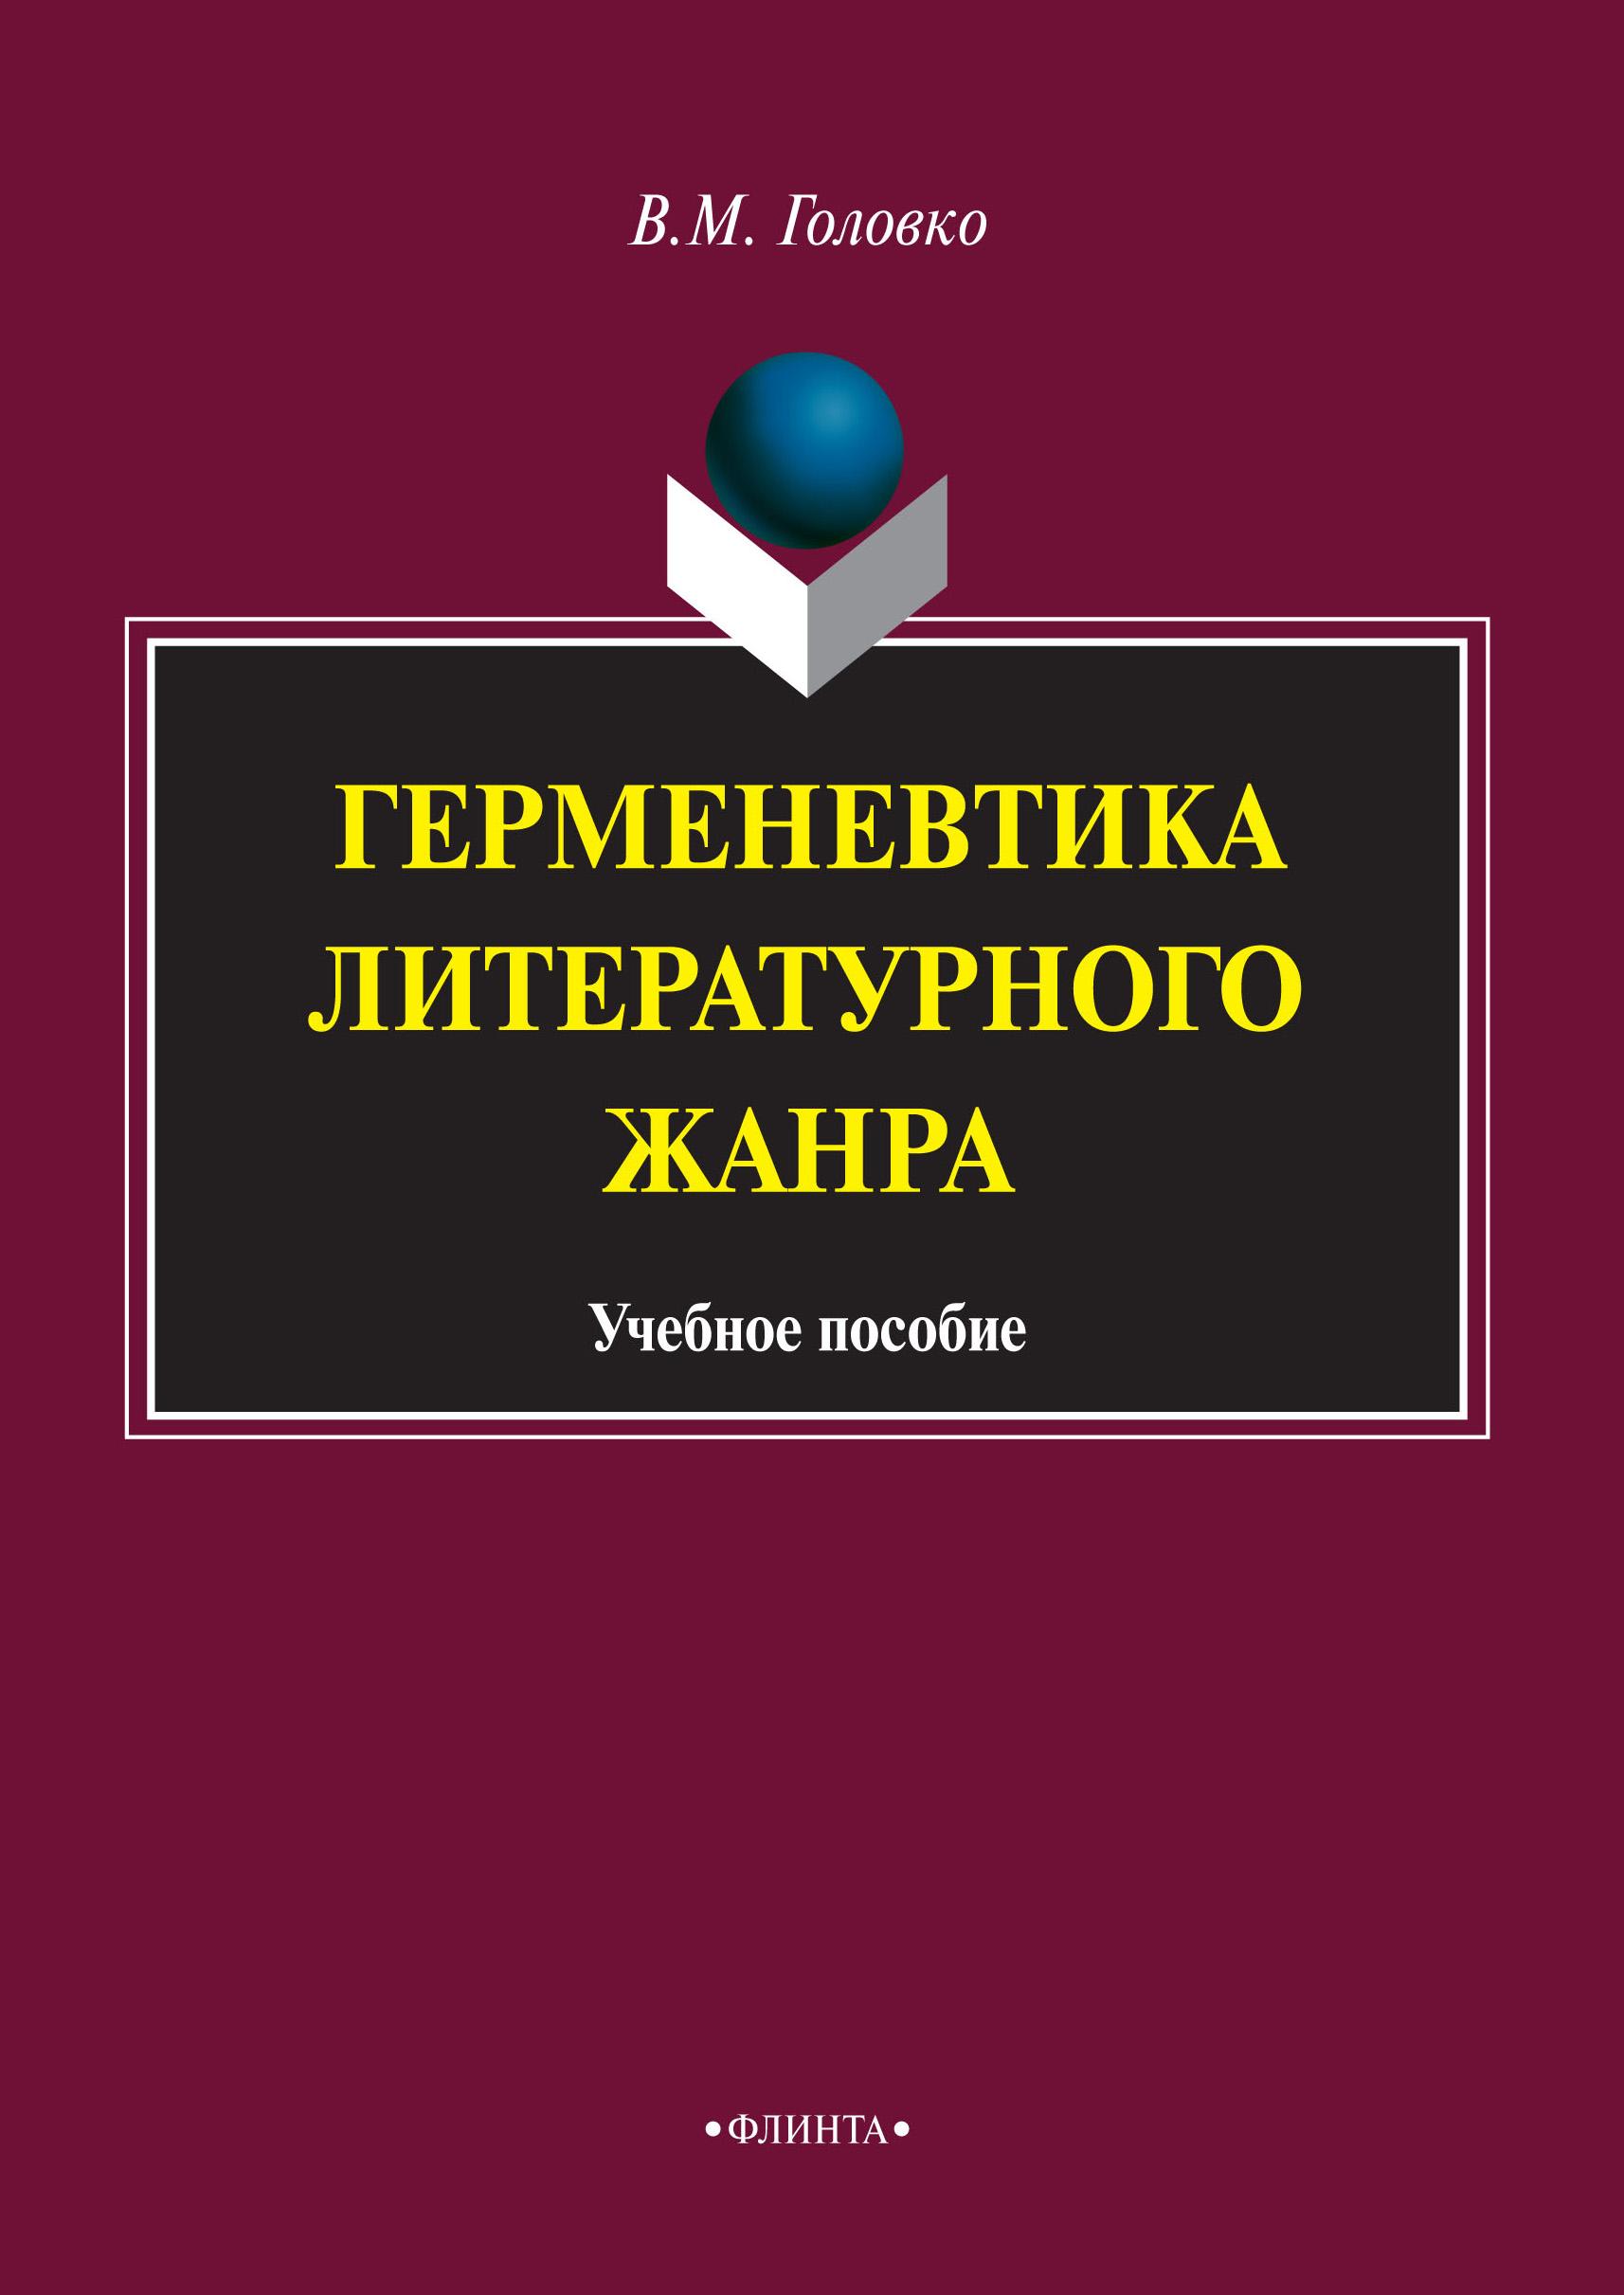 цена В. М. Головко Герменевтика литературного жанра. Учебное пособие в интернет-магазинах